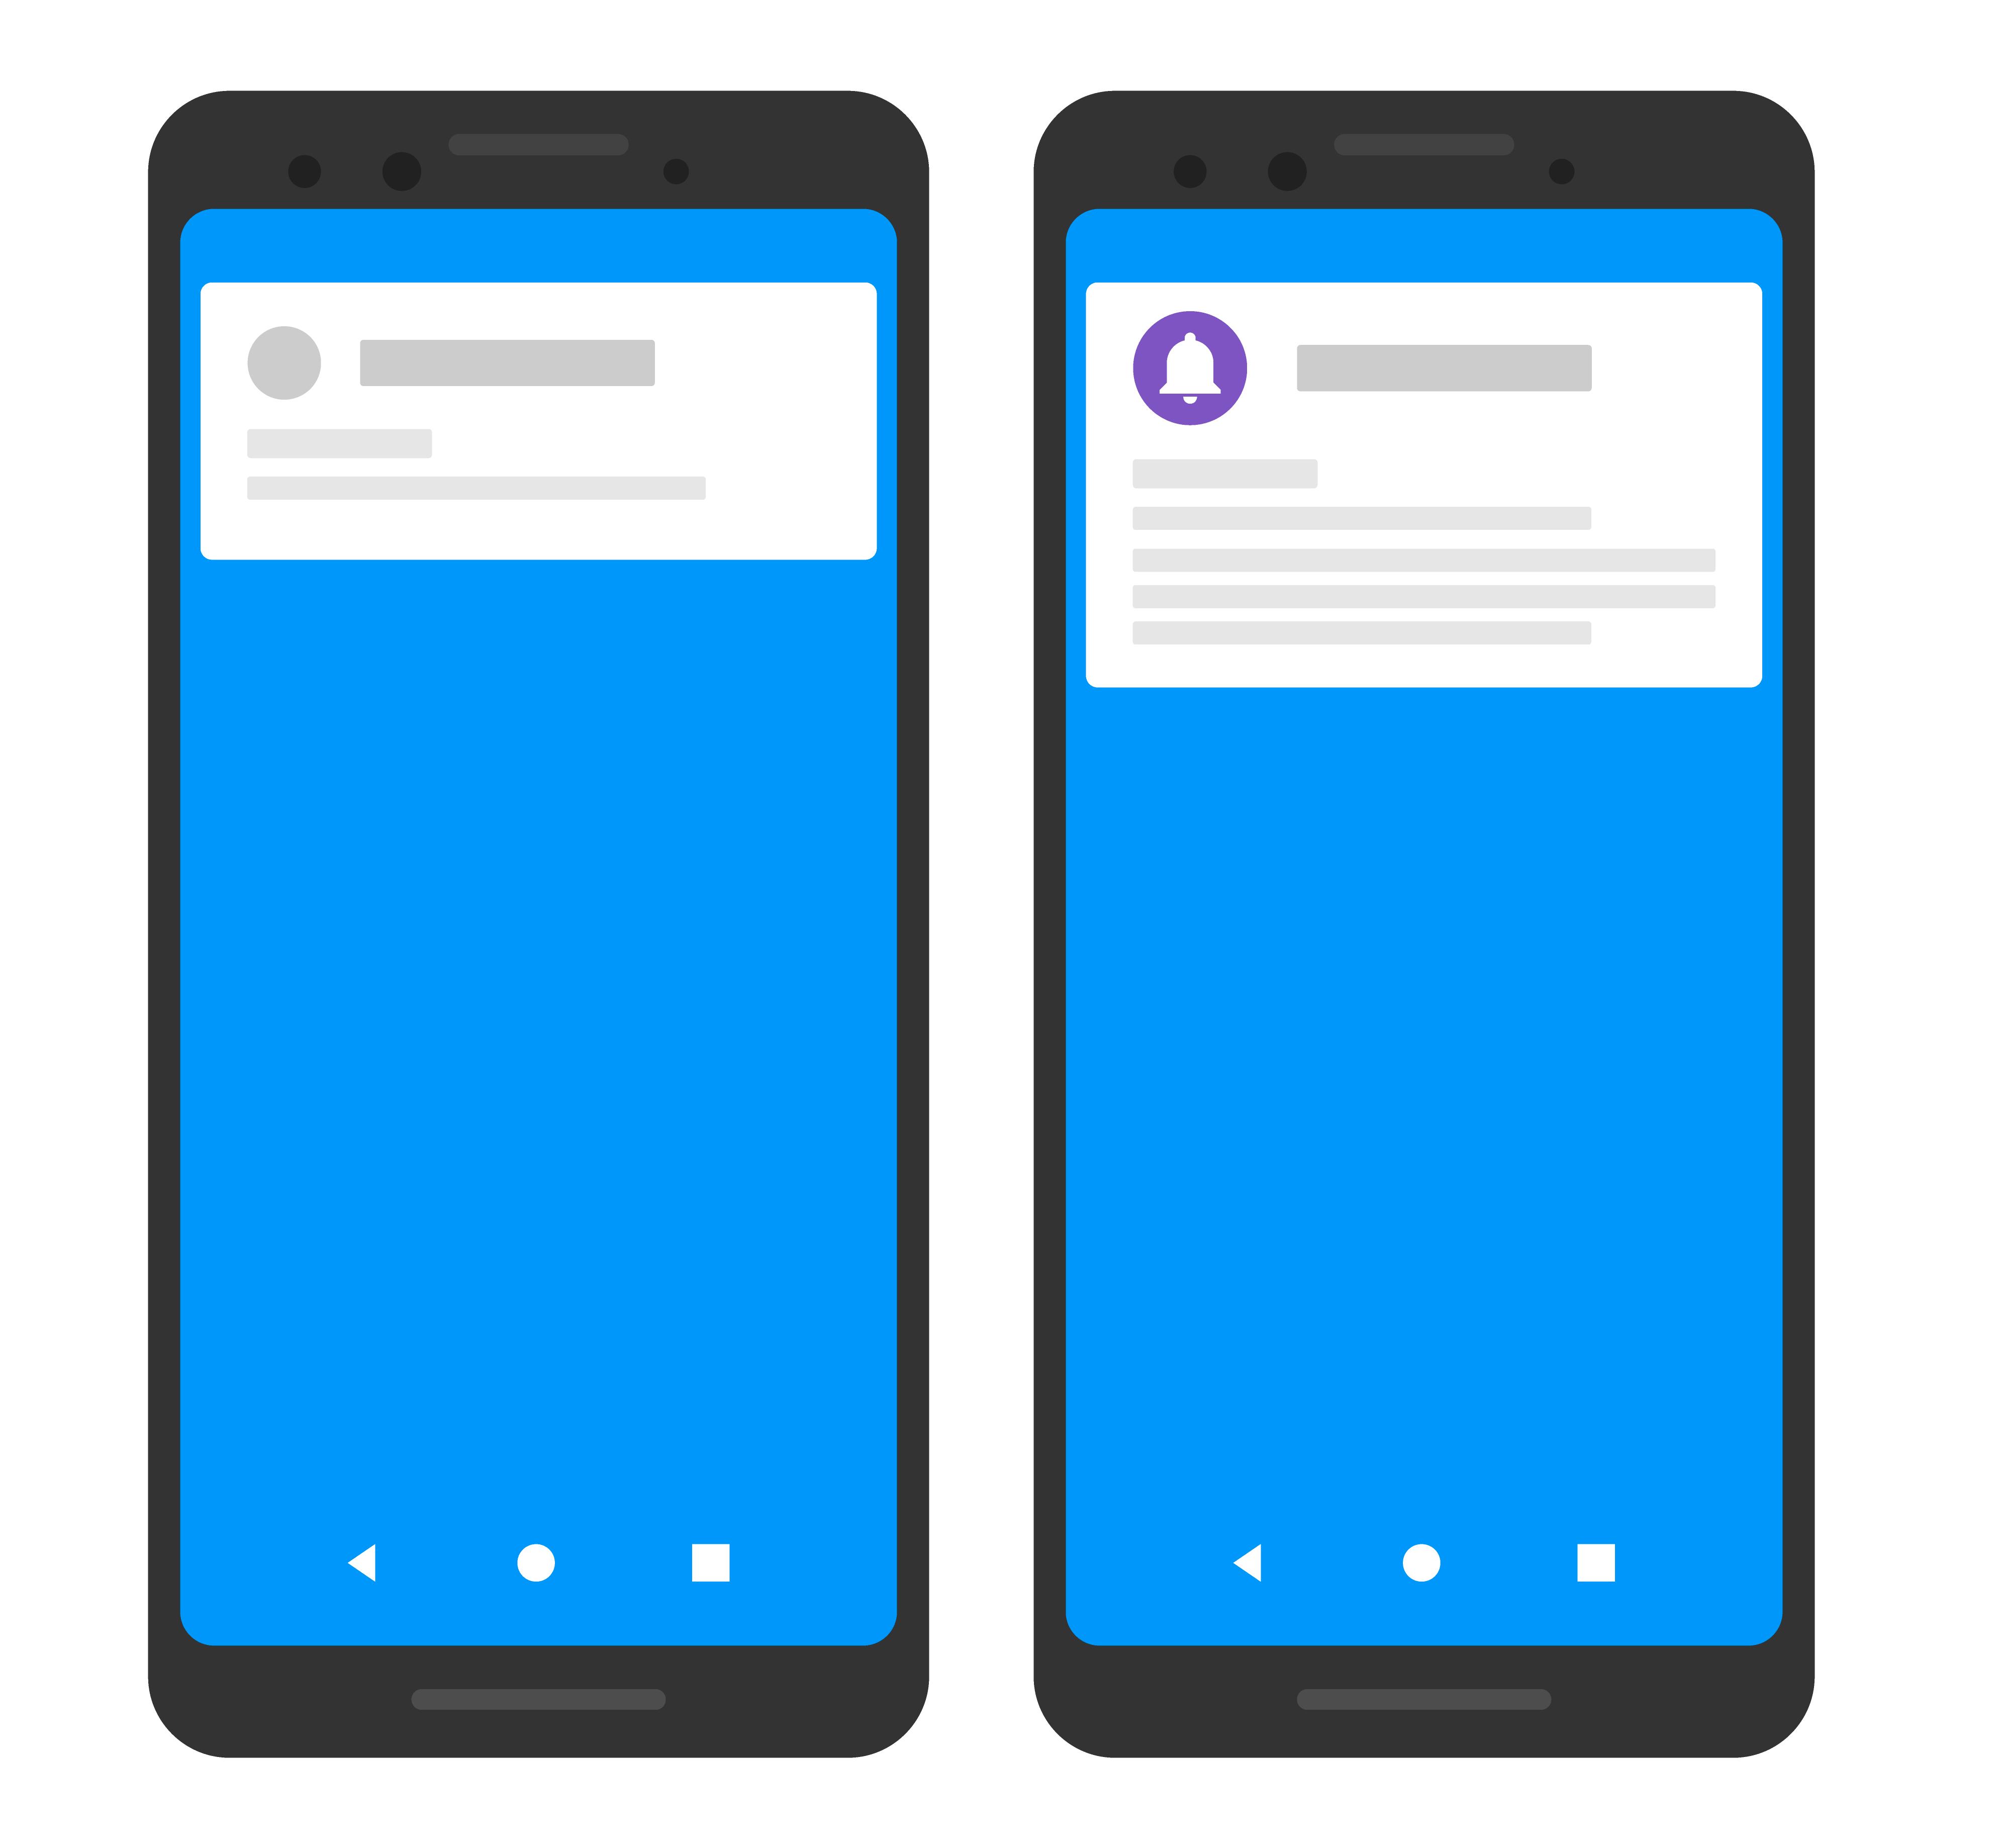 Простой рисунок двух устройств, на одном из которых отображается пользовательский значок и цвет.